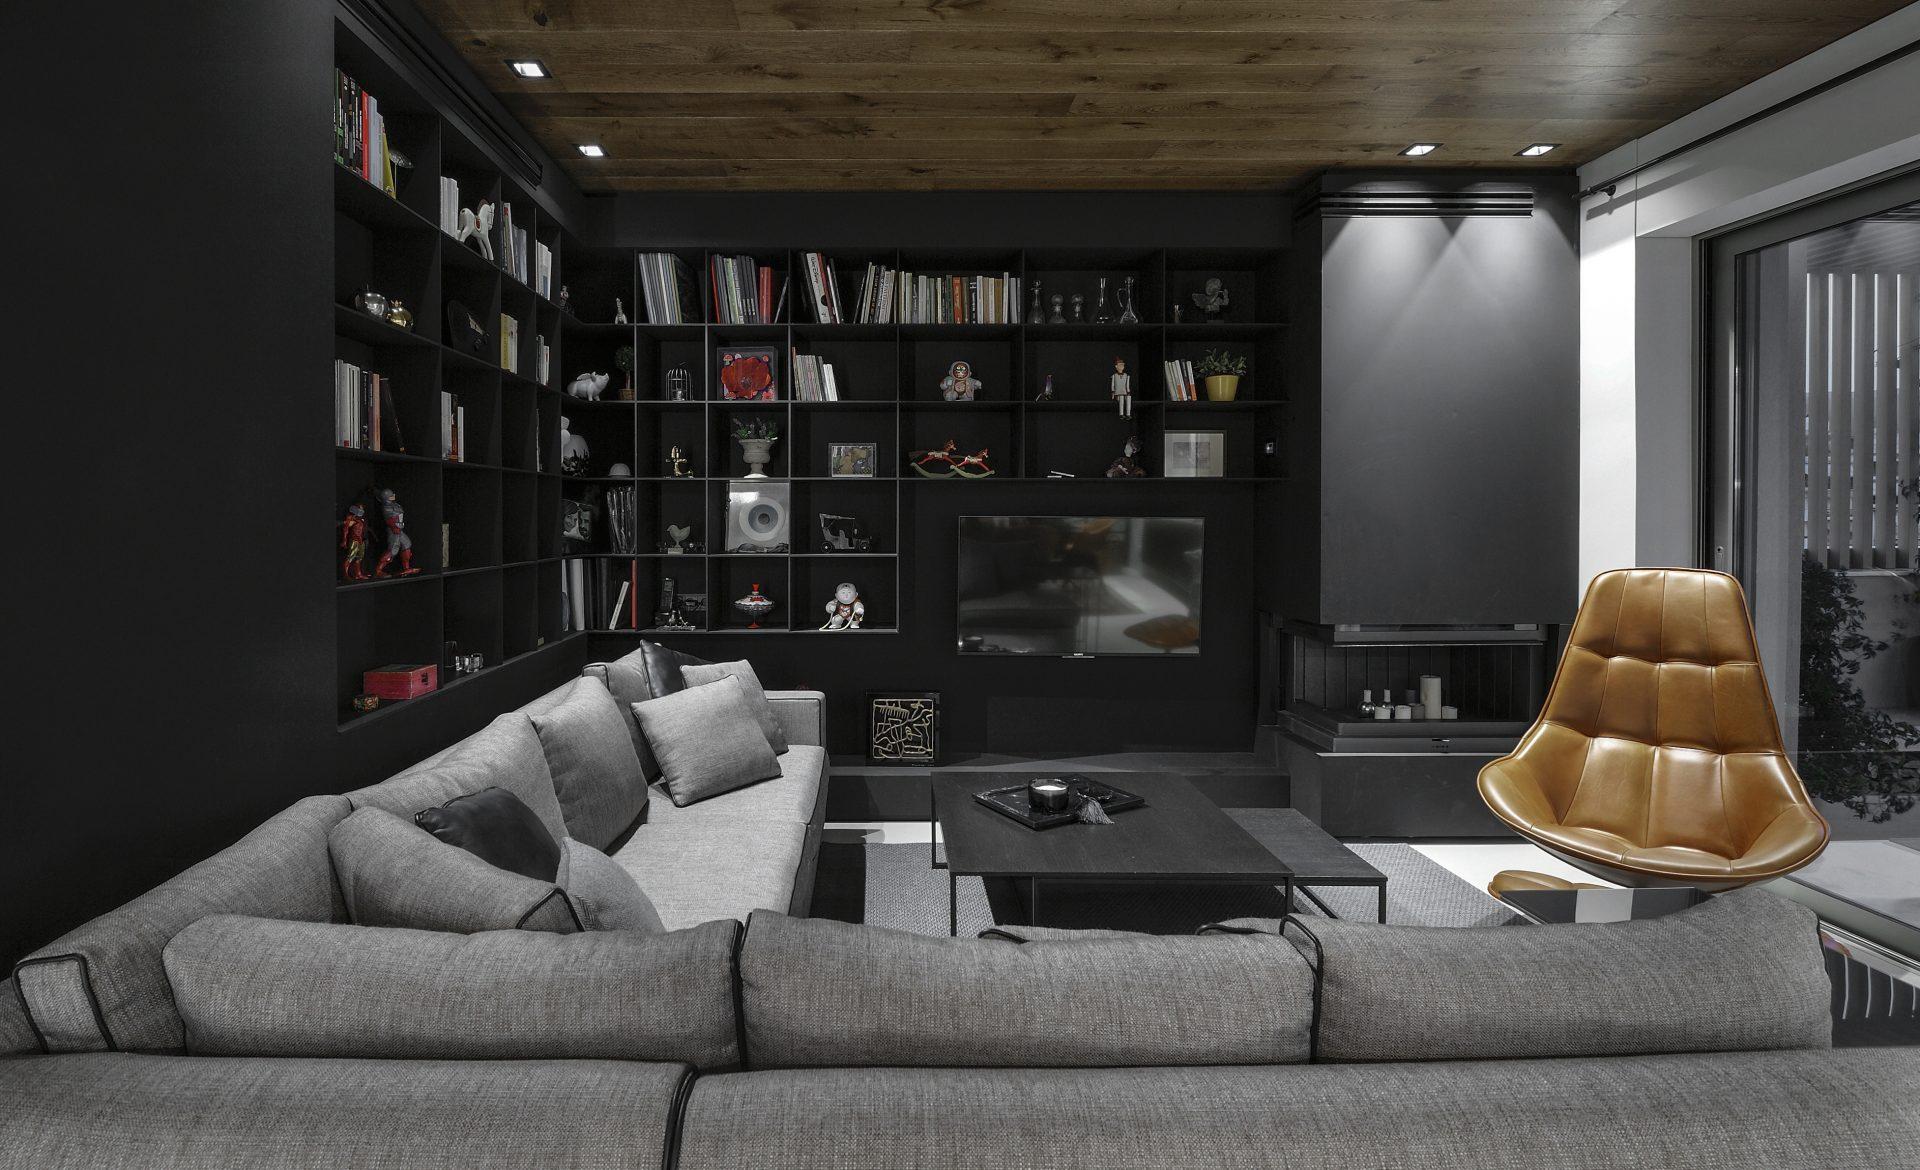 Σαλόνι με μαύρη βιβλιοθήκη